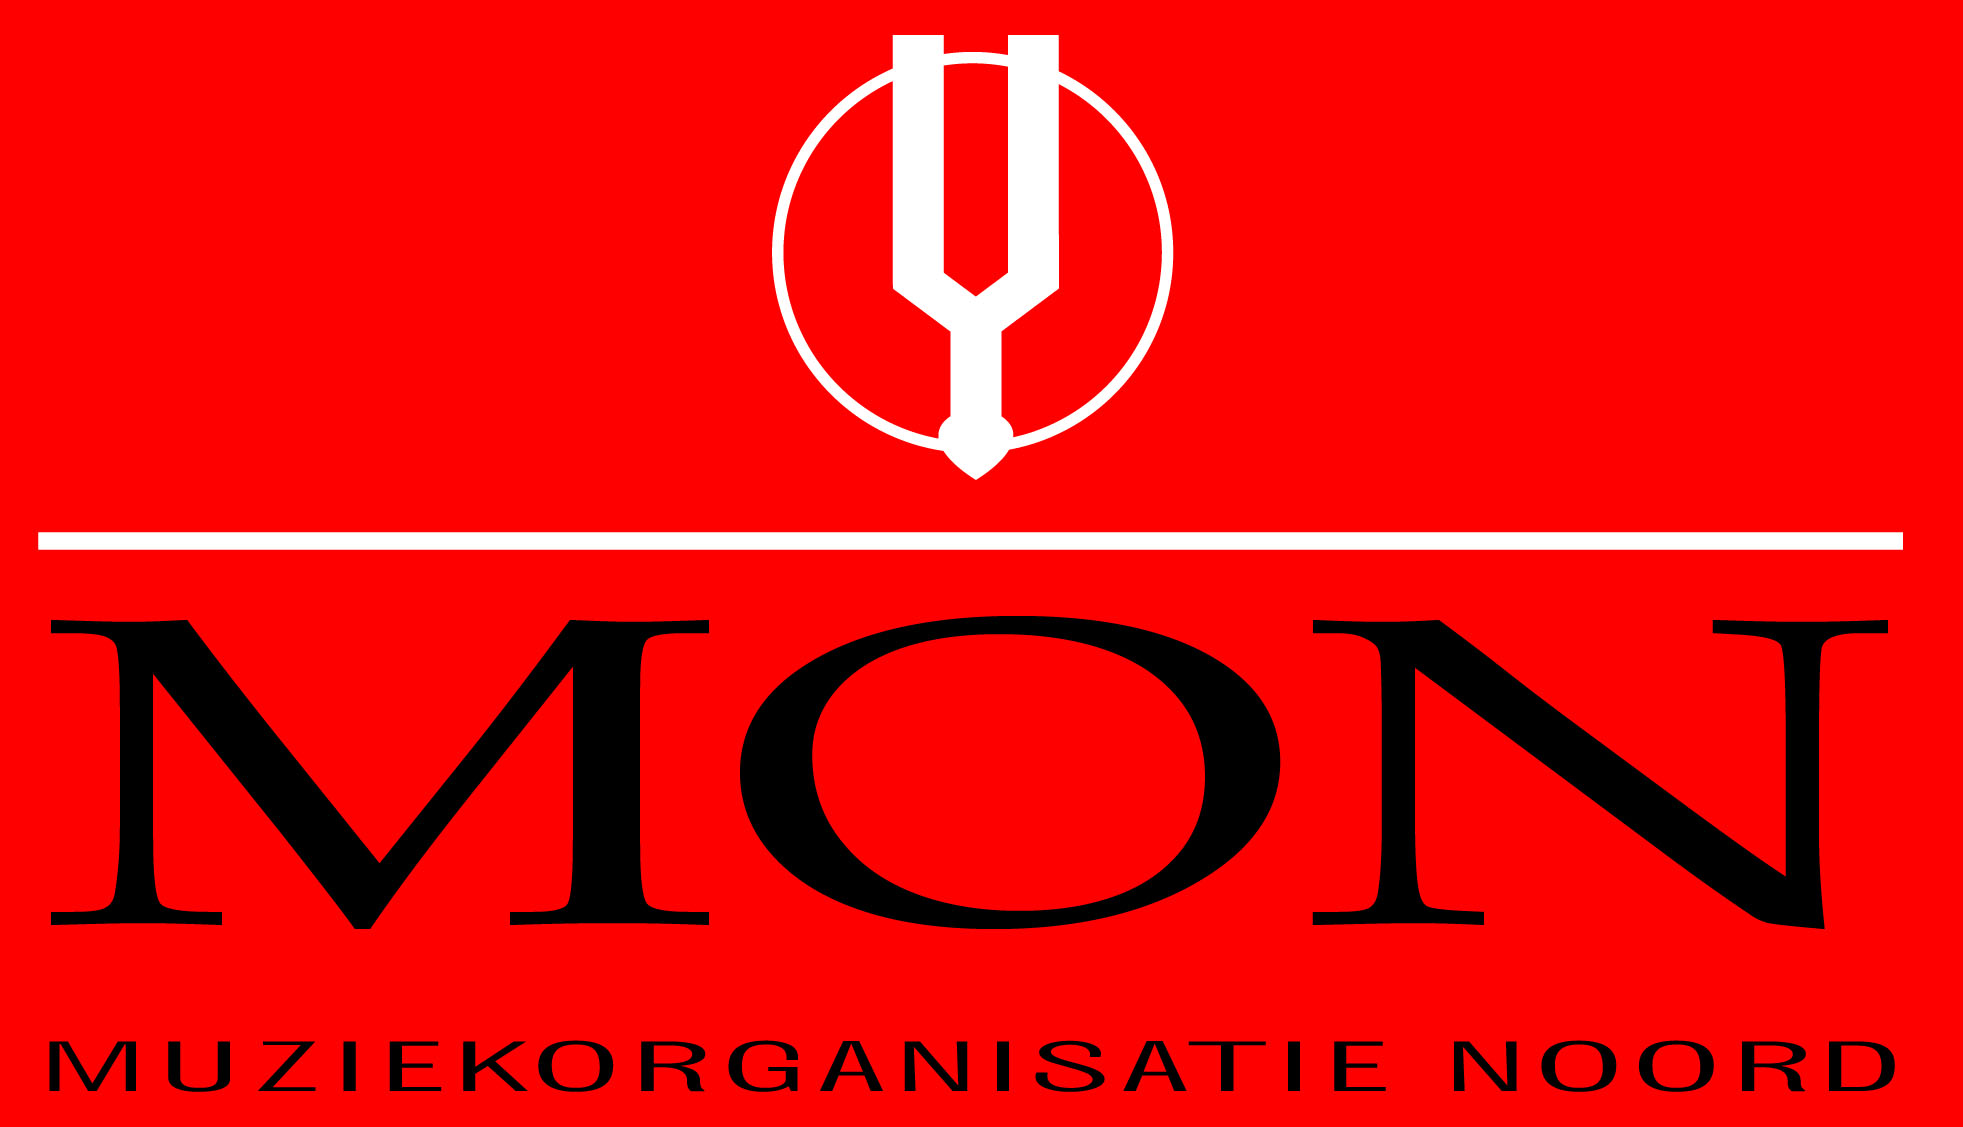 Muziek Organisatie Noord